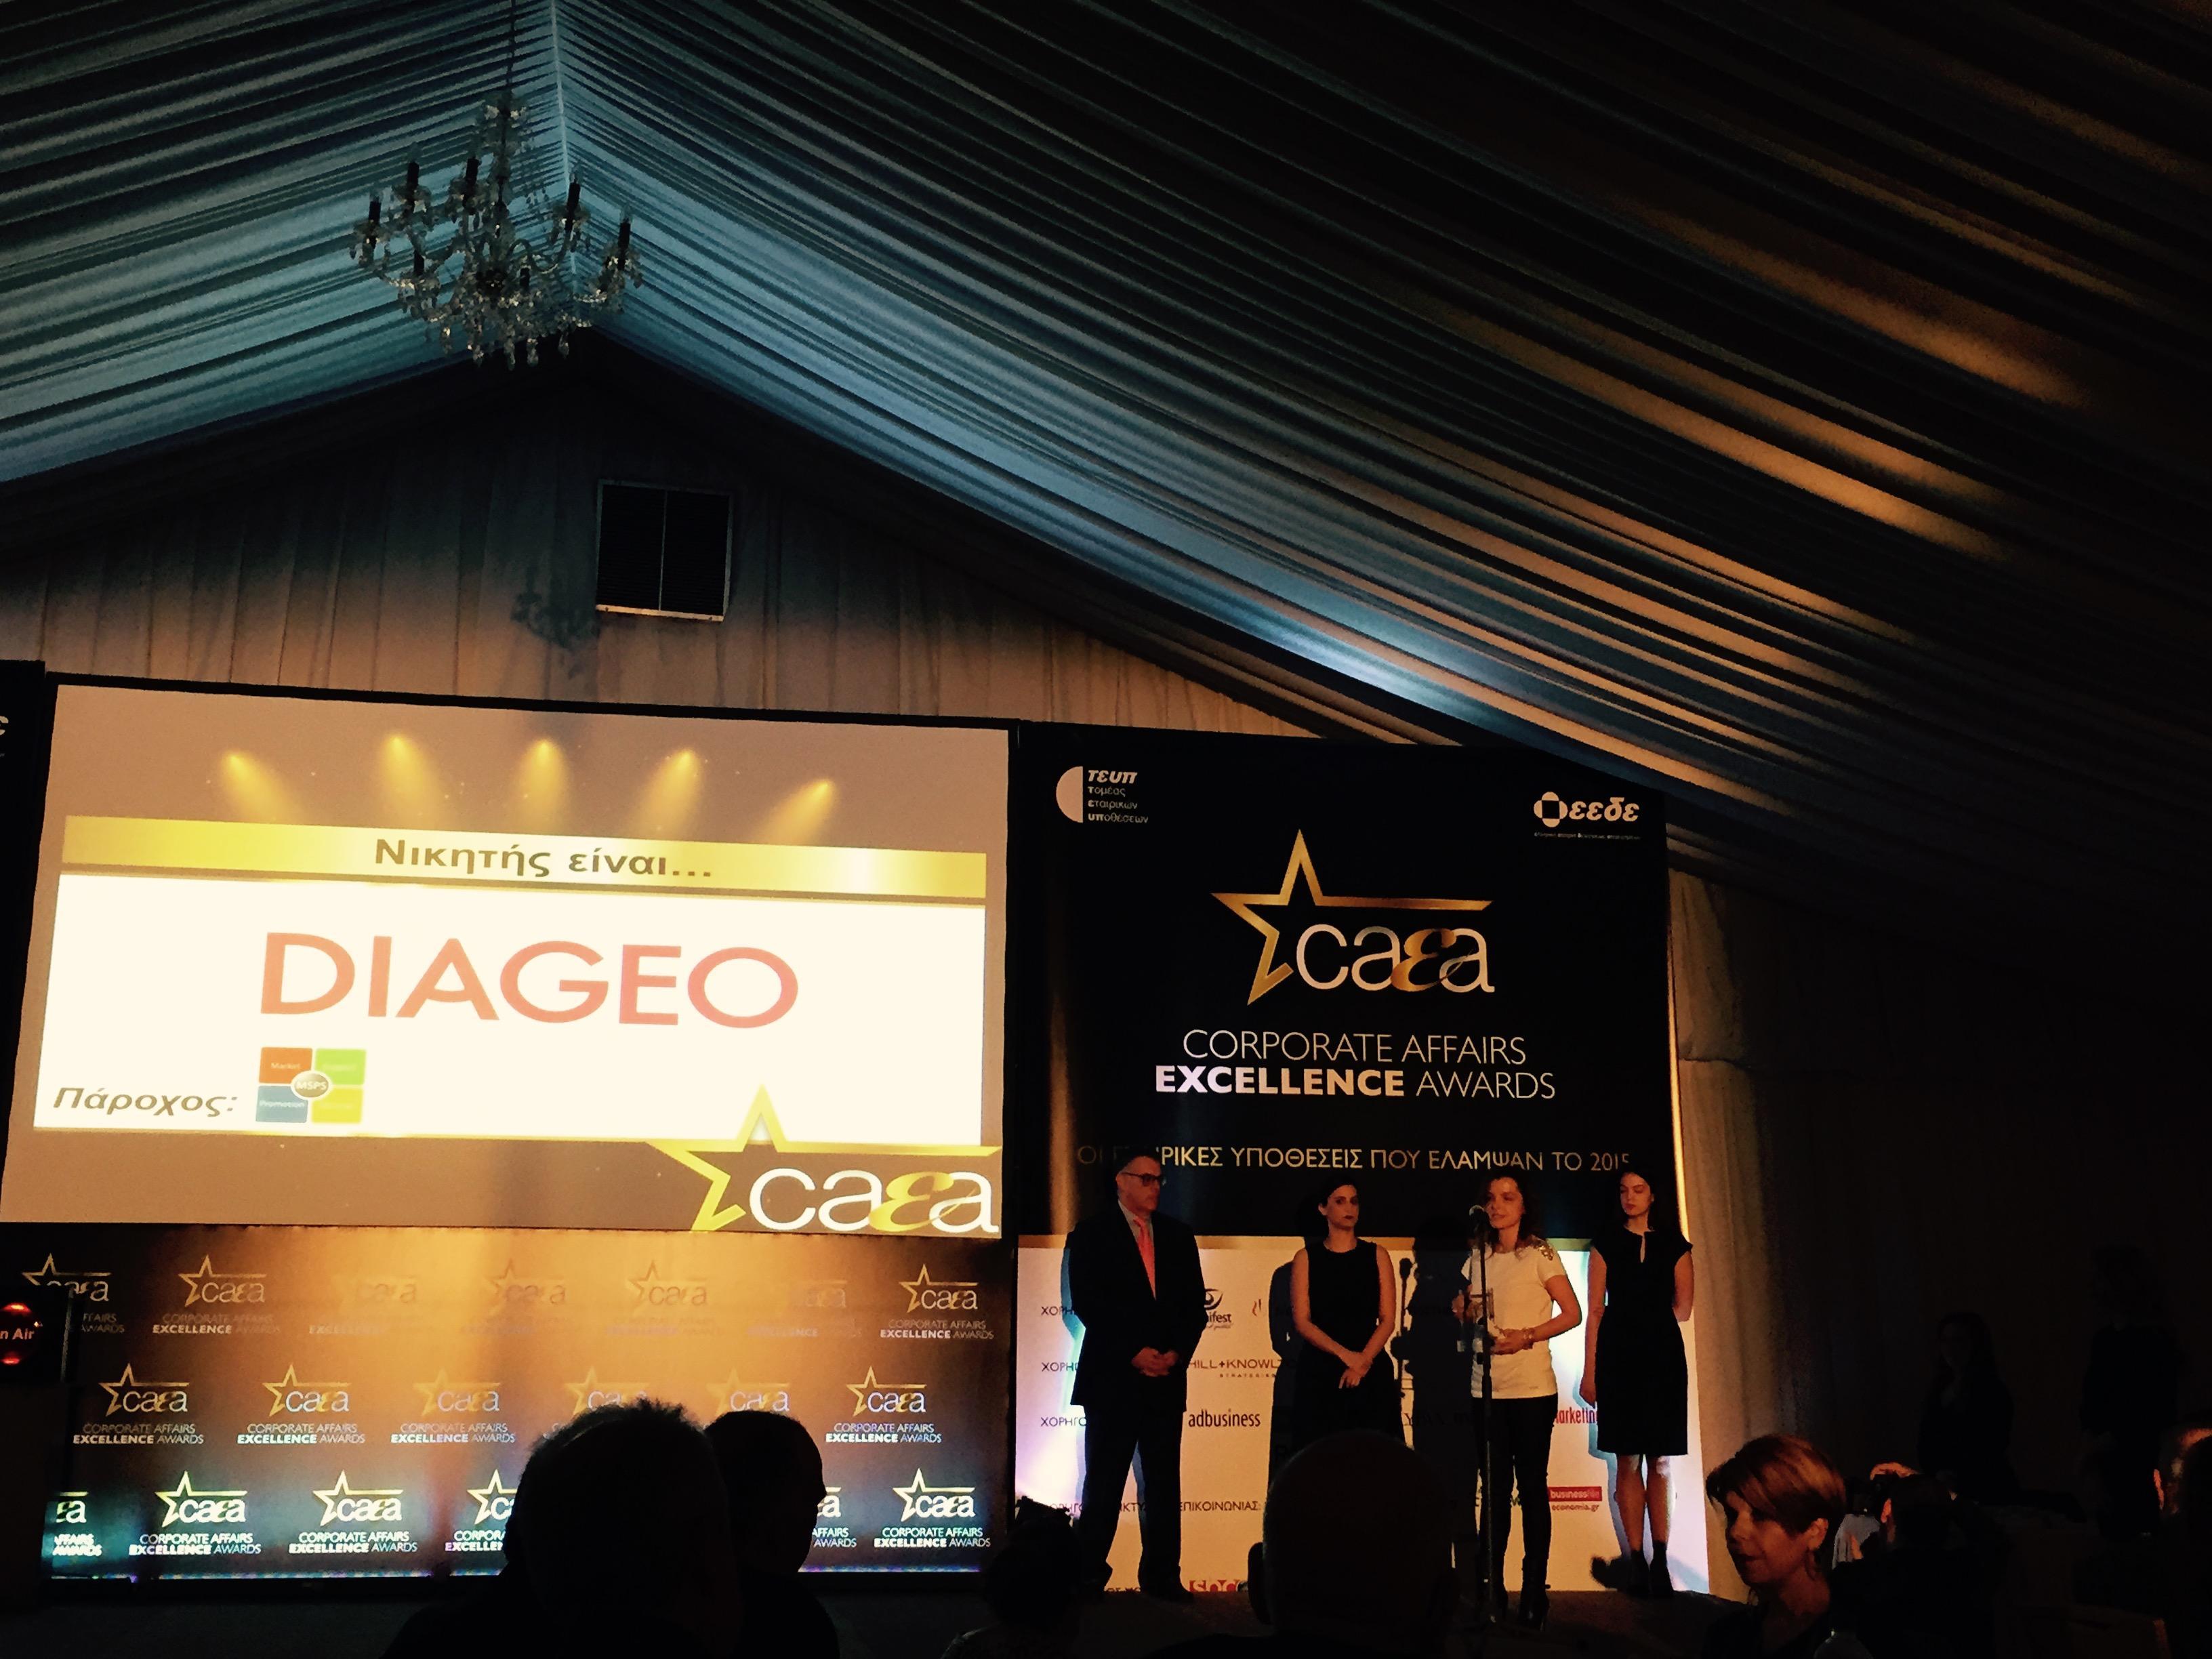 Σημαντικές διακρίσεις για την Diageo